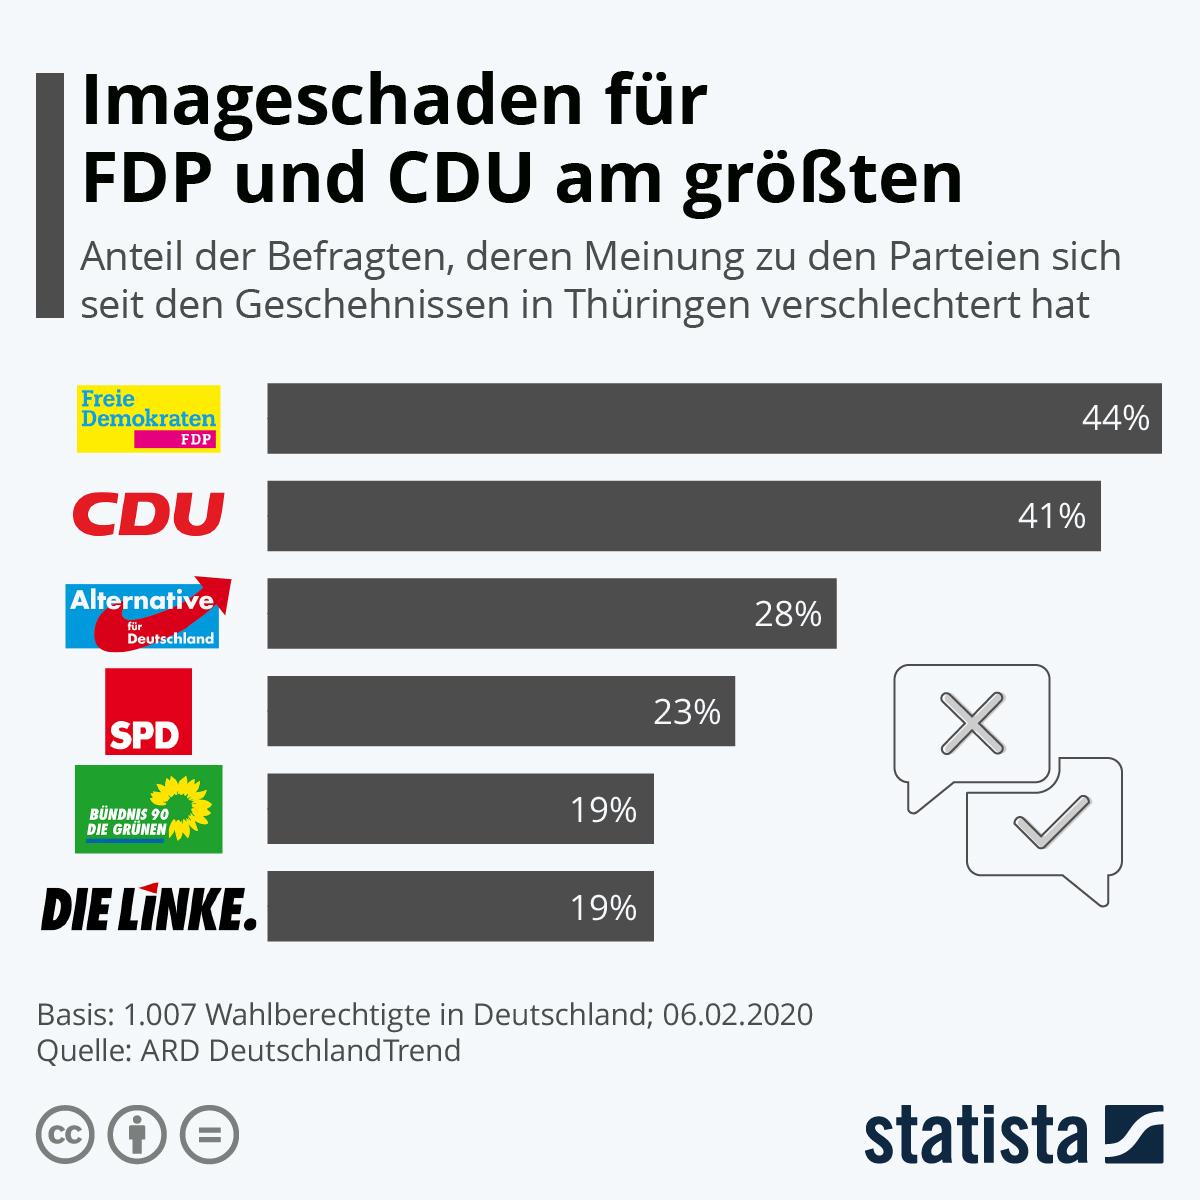 Infografik: Imageschaden für FDP und CDU am größten | Statista